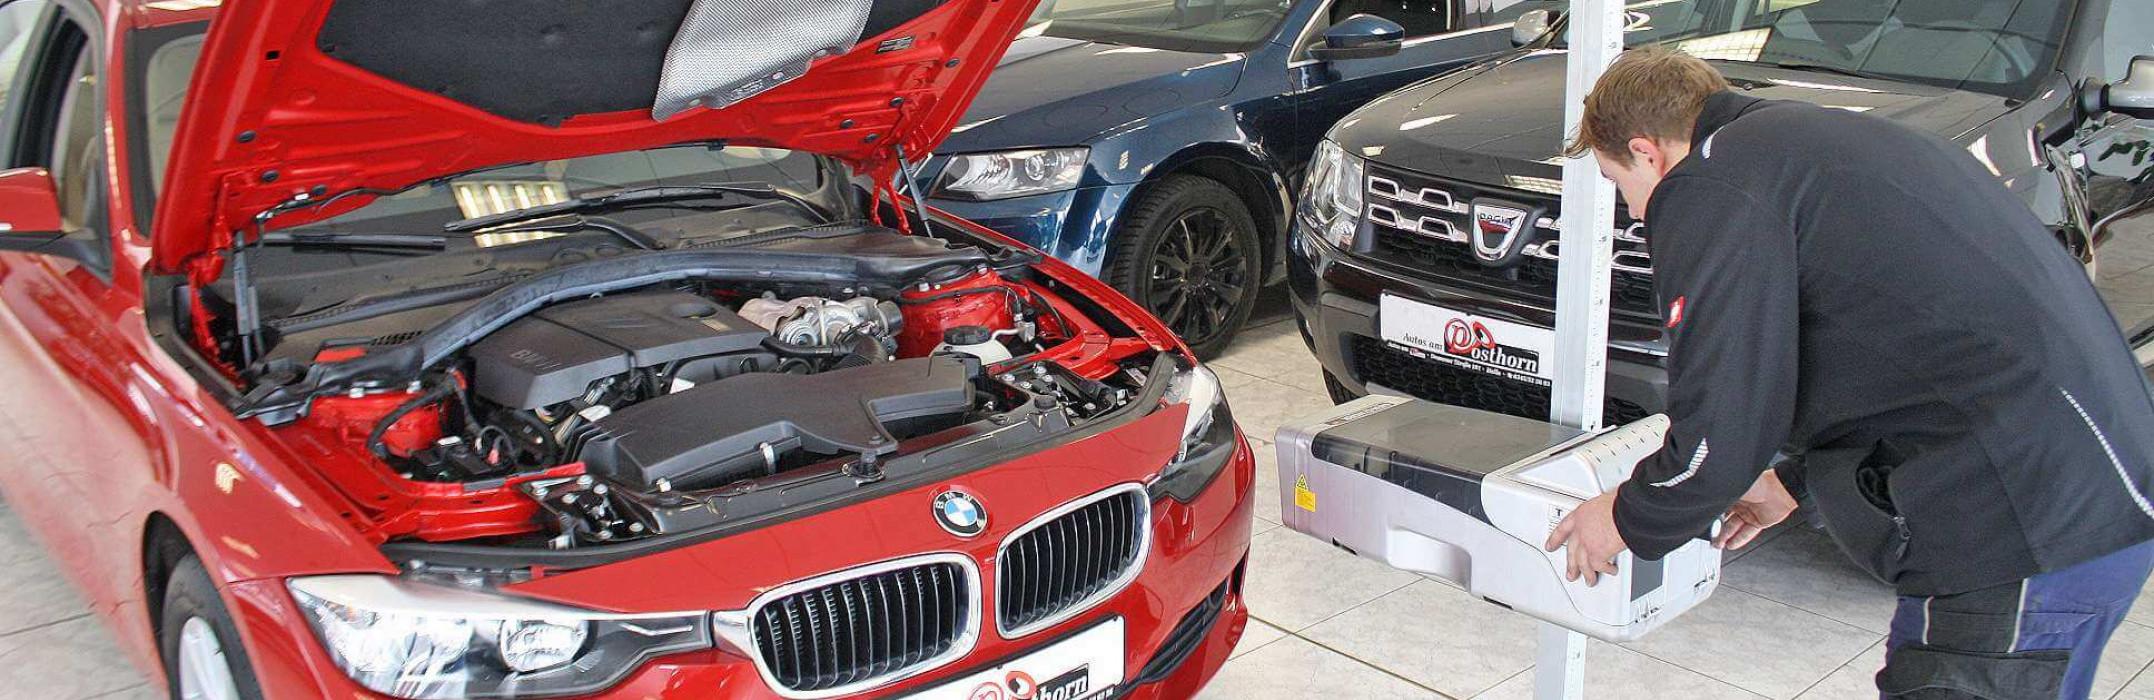 Der Lichttest wird in der Kfz Werkstatt von Autos am Posthorn durchgeführt